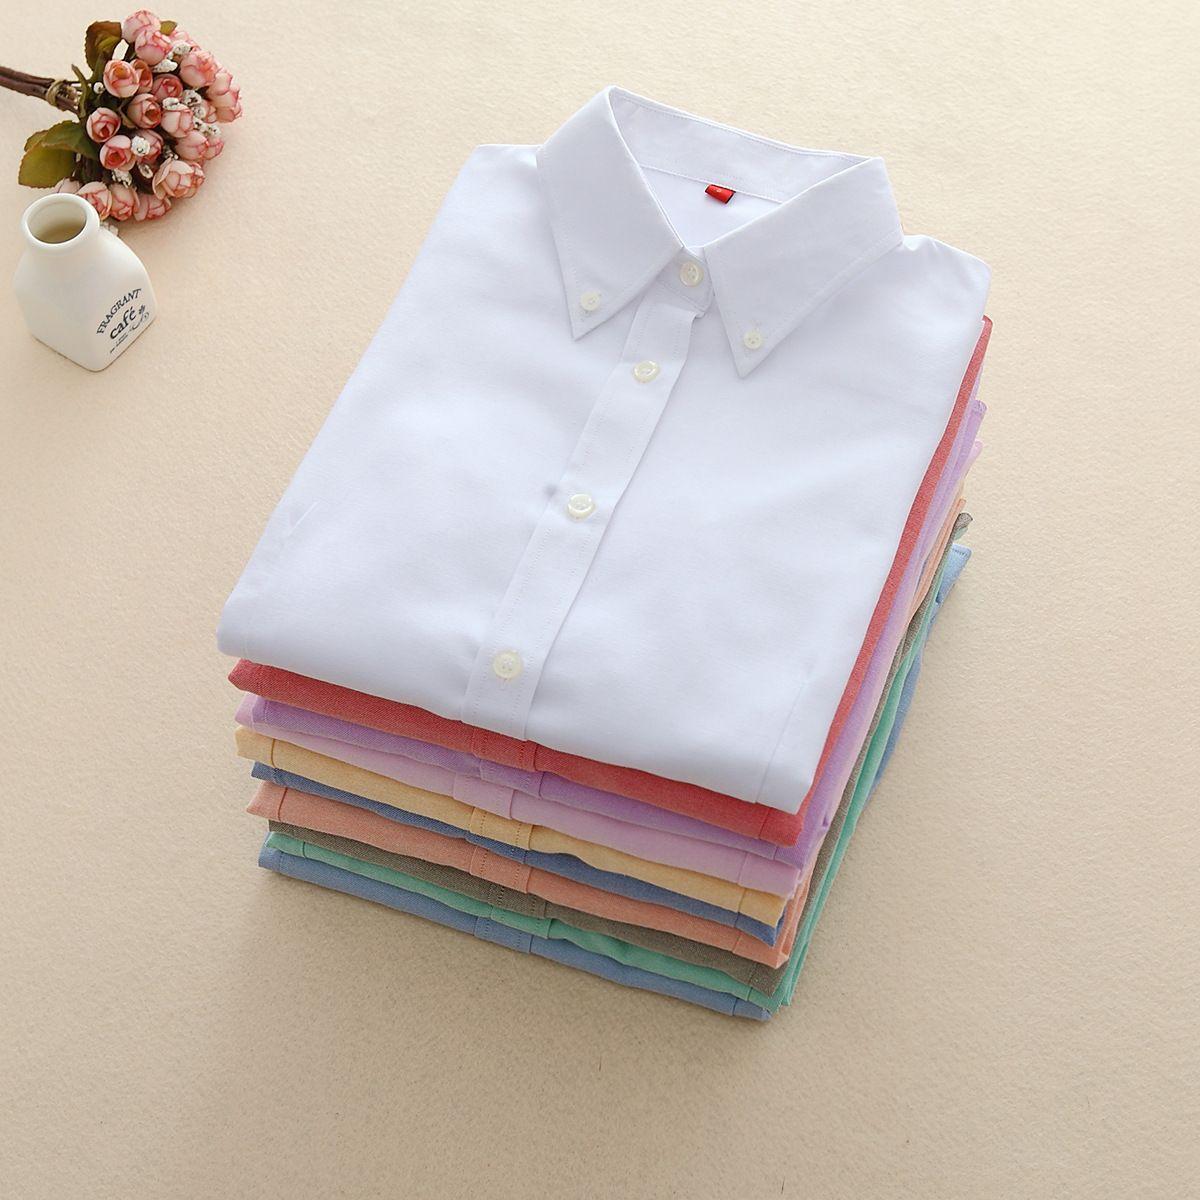 FEKEHA femmes Blouses 2019 à manches longues Oxford dames hauts bureau à manches longues chemises femmes étudiant Blusas Camisas Mujer